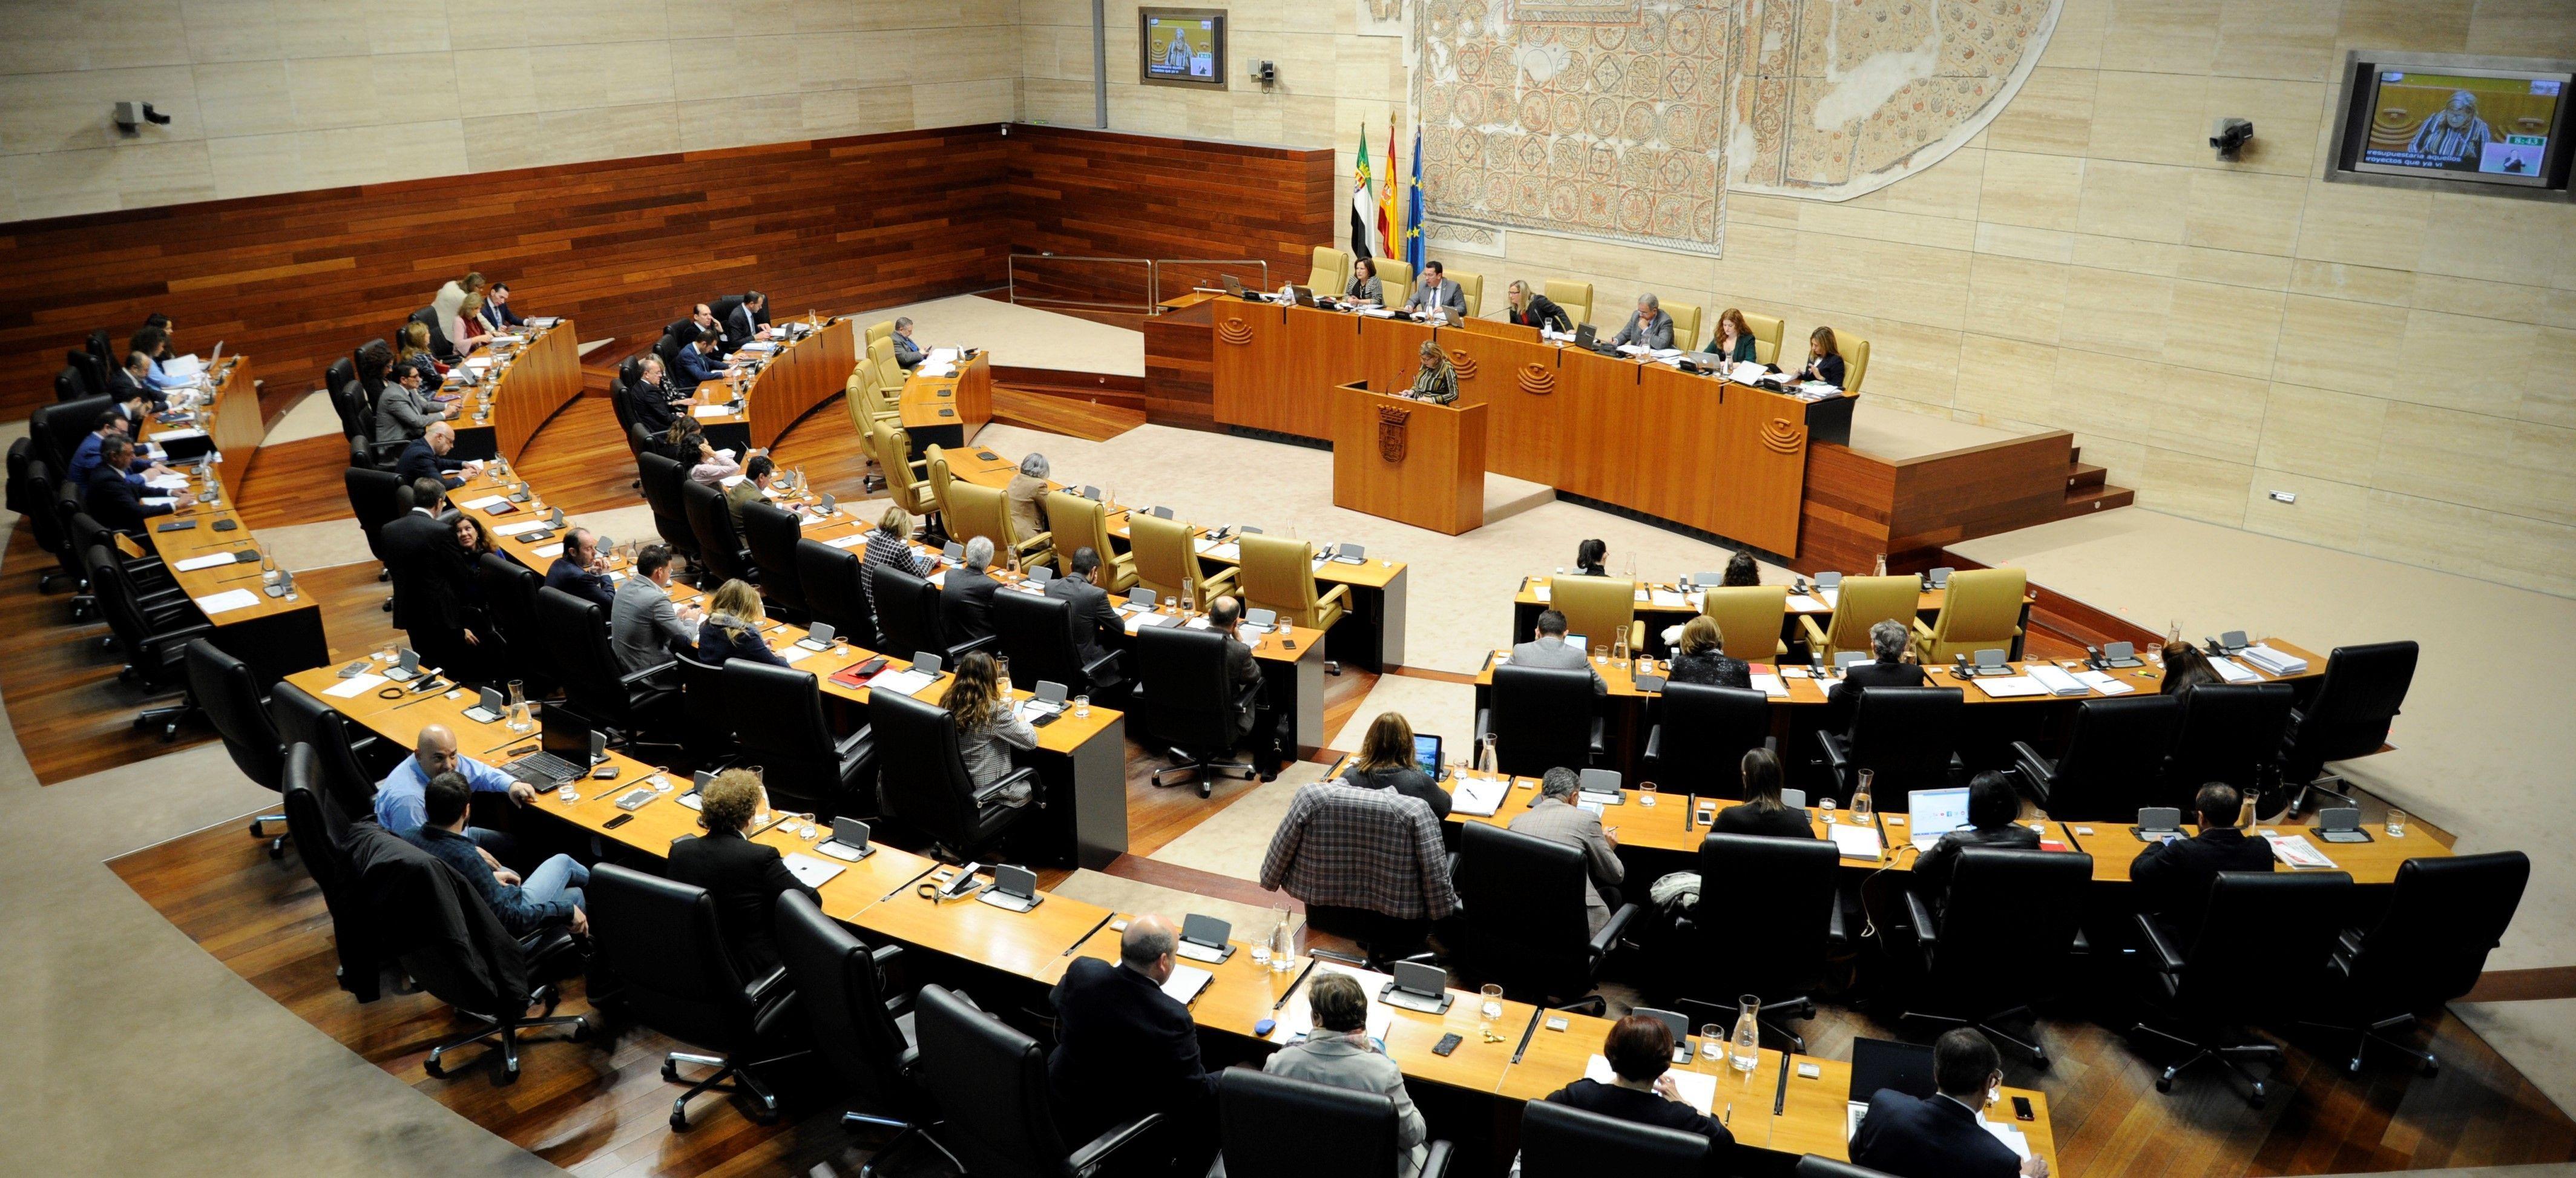 Aprobados los Presupuestos de Extremadura para 2019